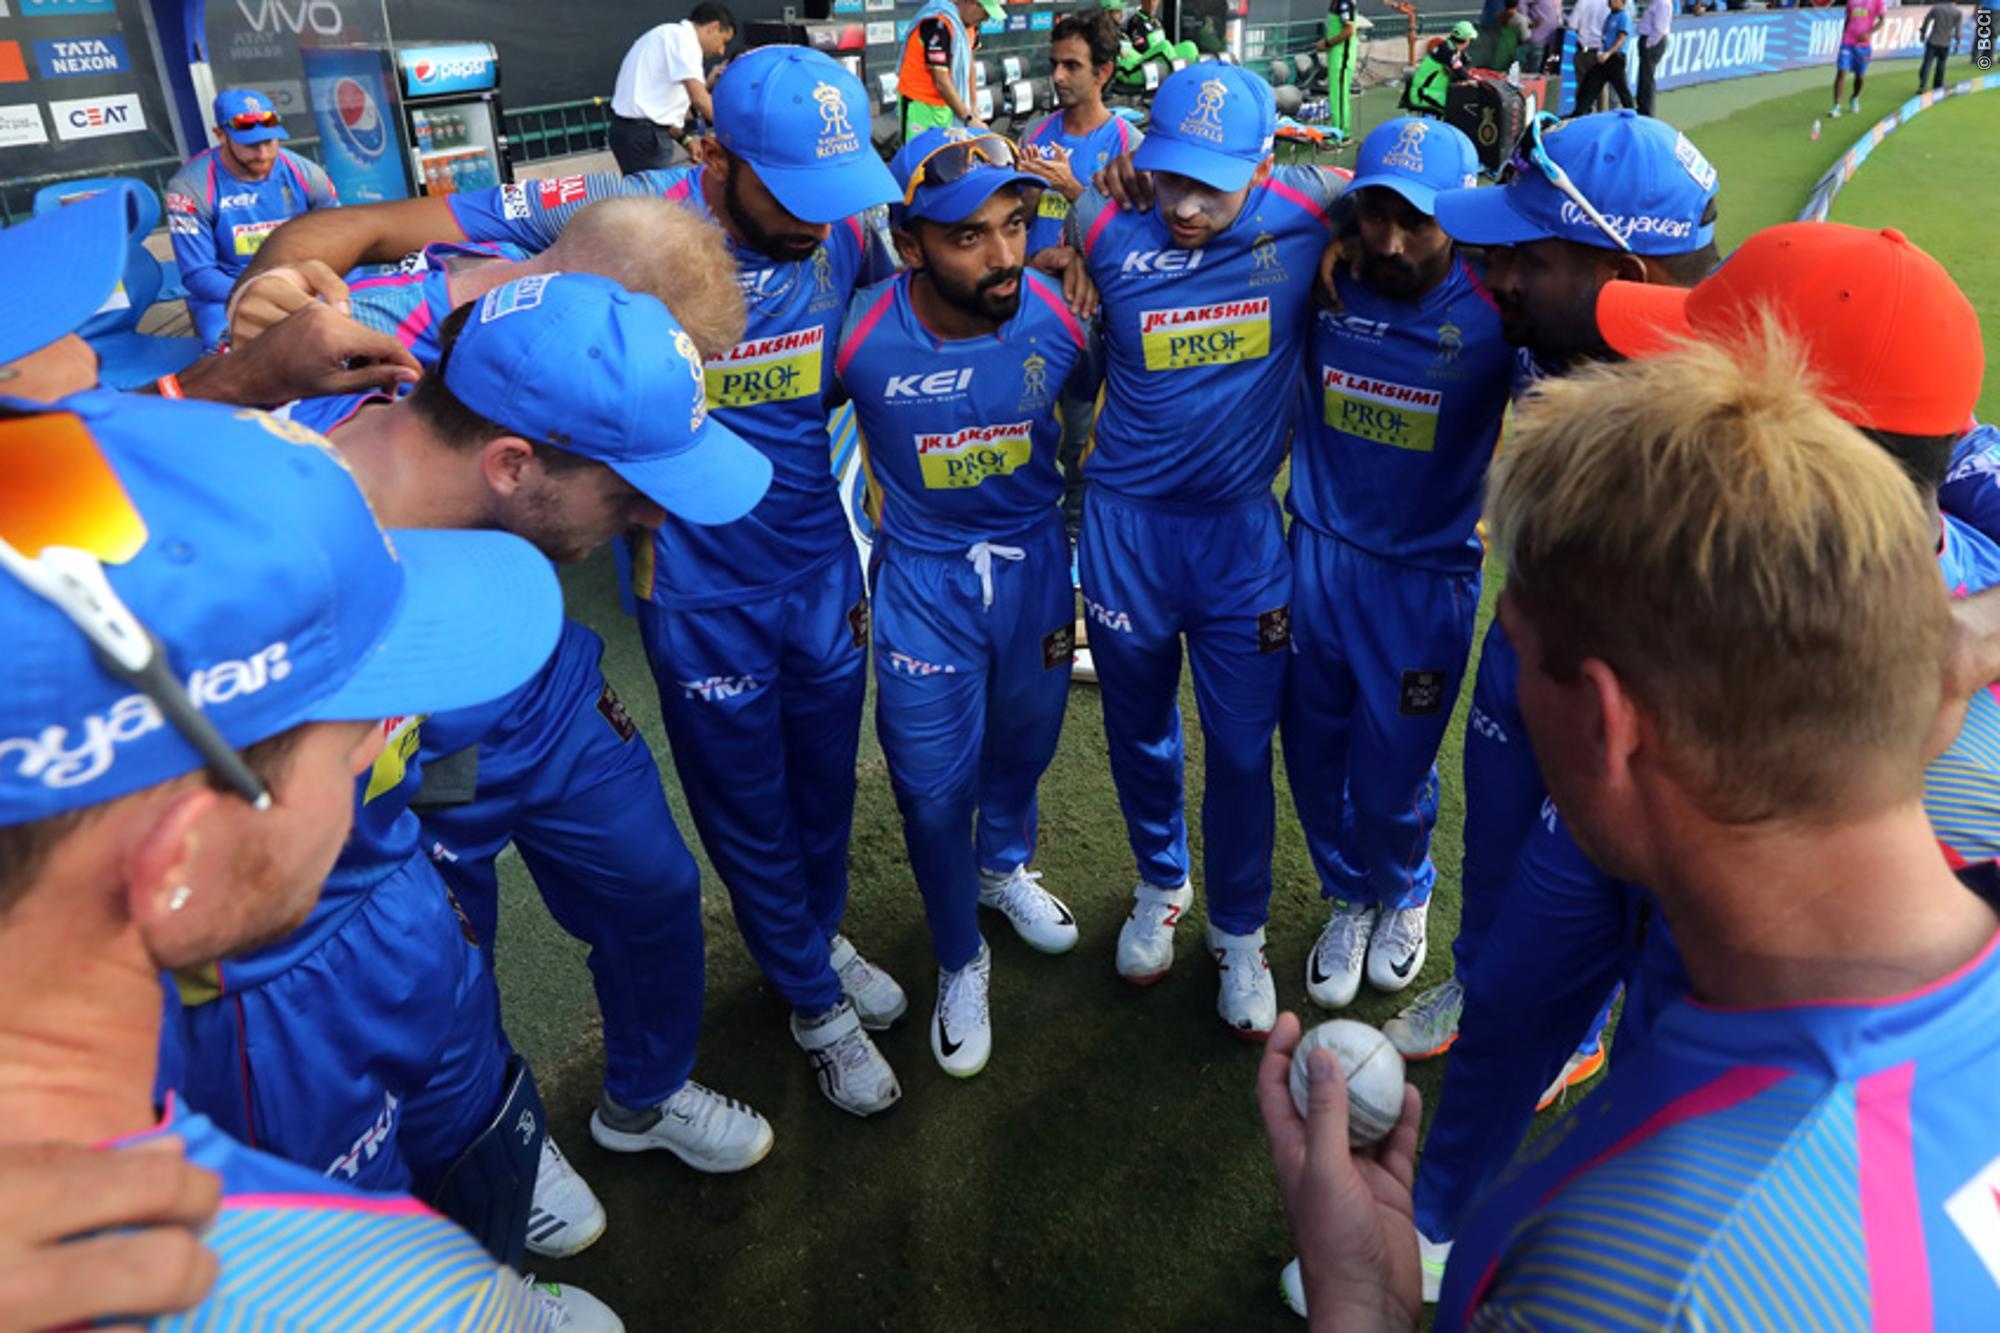 राजस्थान रॉयल्स के आरसीबी के खिलाफ मैच से पहले शेन वार्न ने राजस्थान रॉयल्स को बोली बस ये एक बात 18